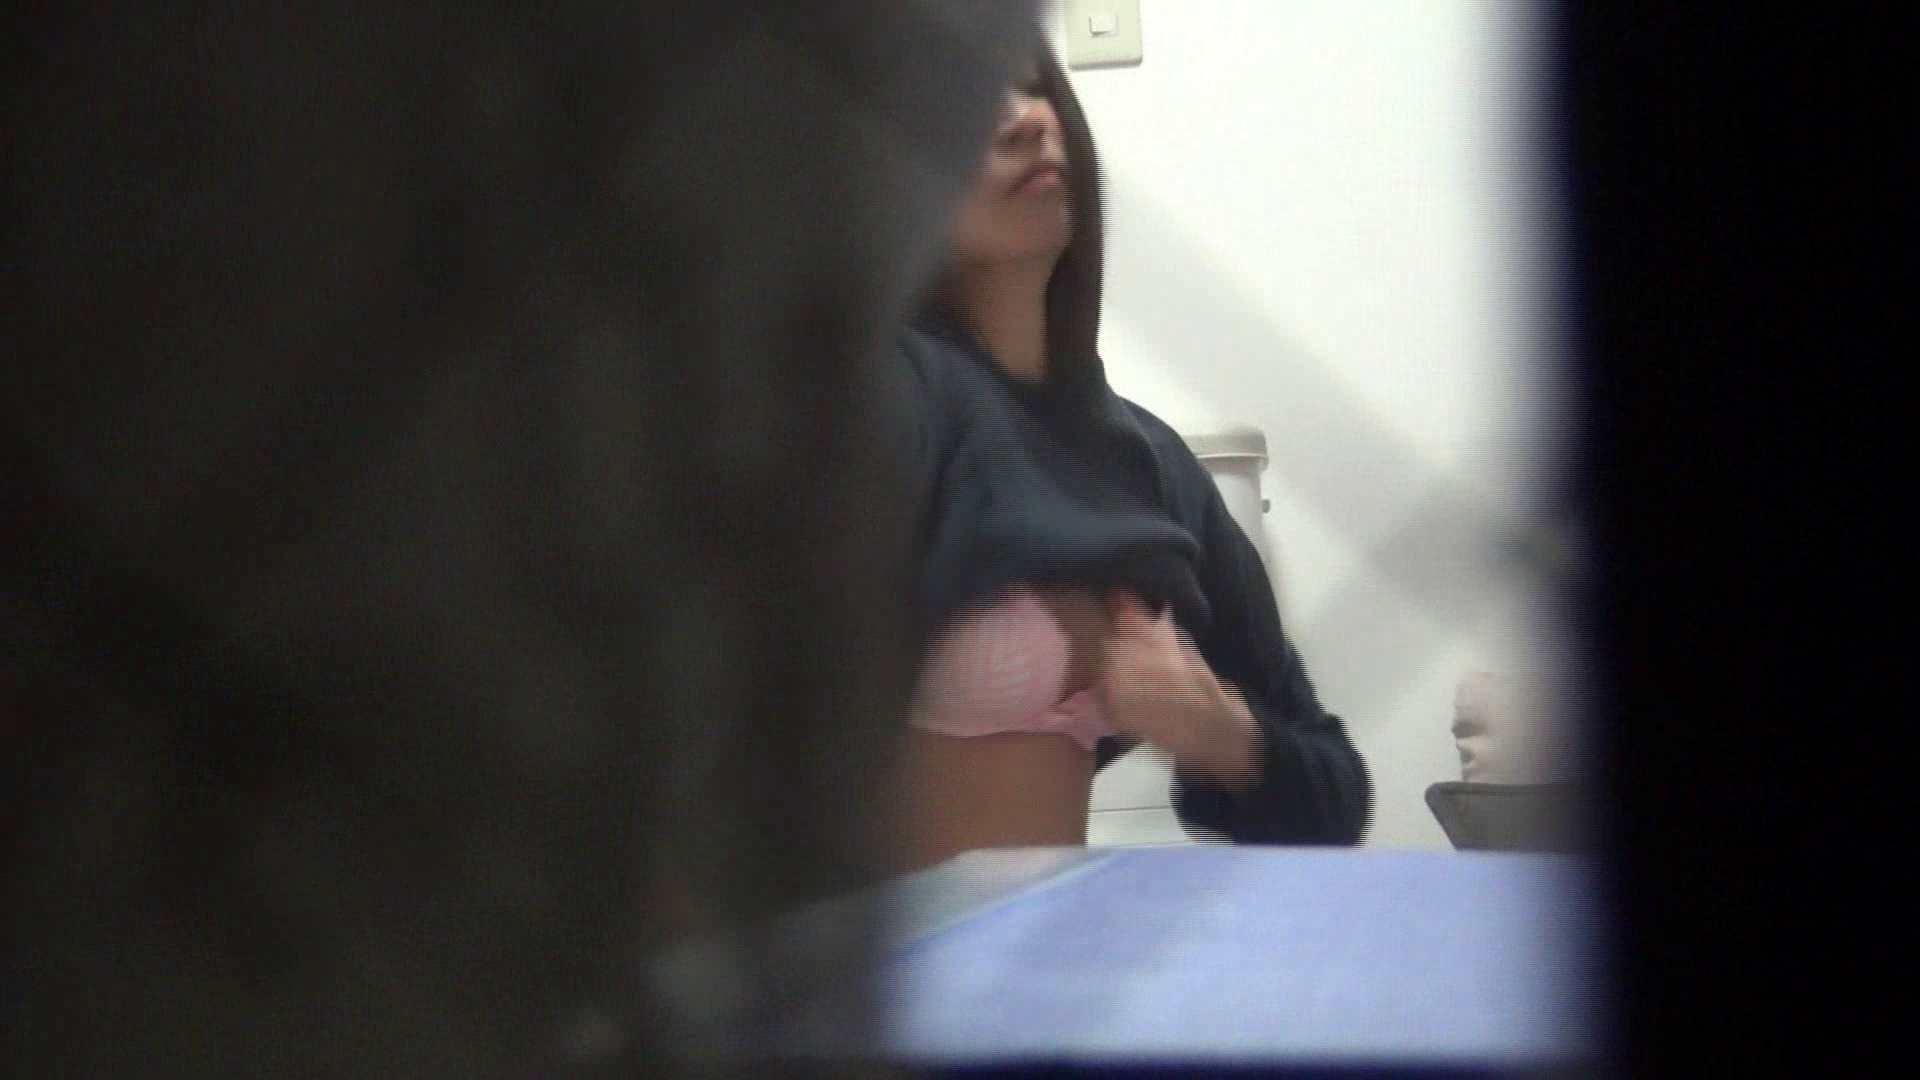 【05】仕事が忙しくて・・・久しぶりにベランダで待ち伏せ 覗き SEX無修正画像 94pic 59